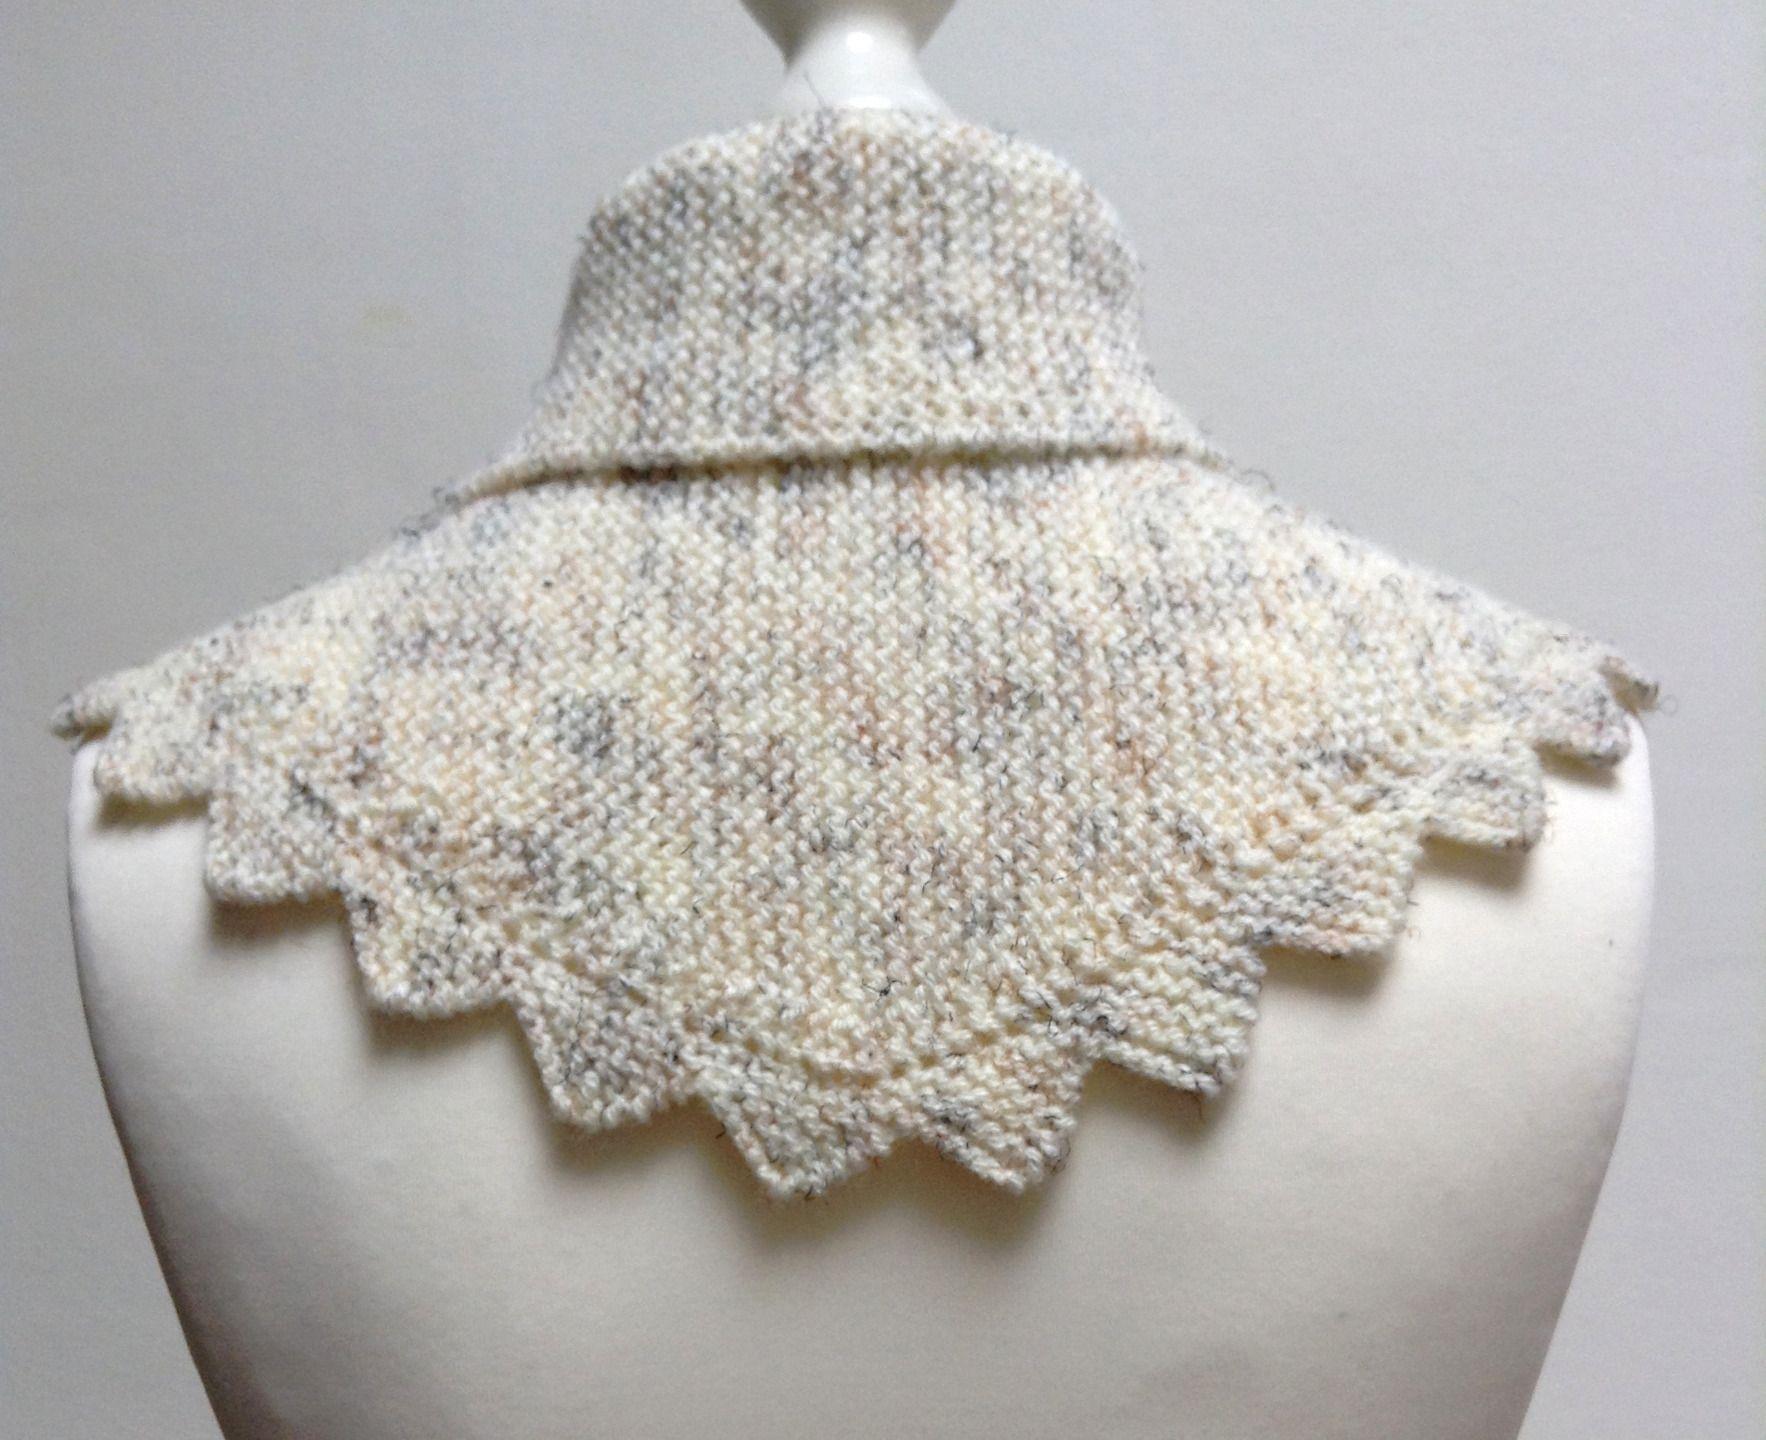 Petit ch le couvre paules cru avec des ombres noires ou marron au tricot bordure dentel e - Faire une augmentation en tricot ...